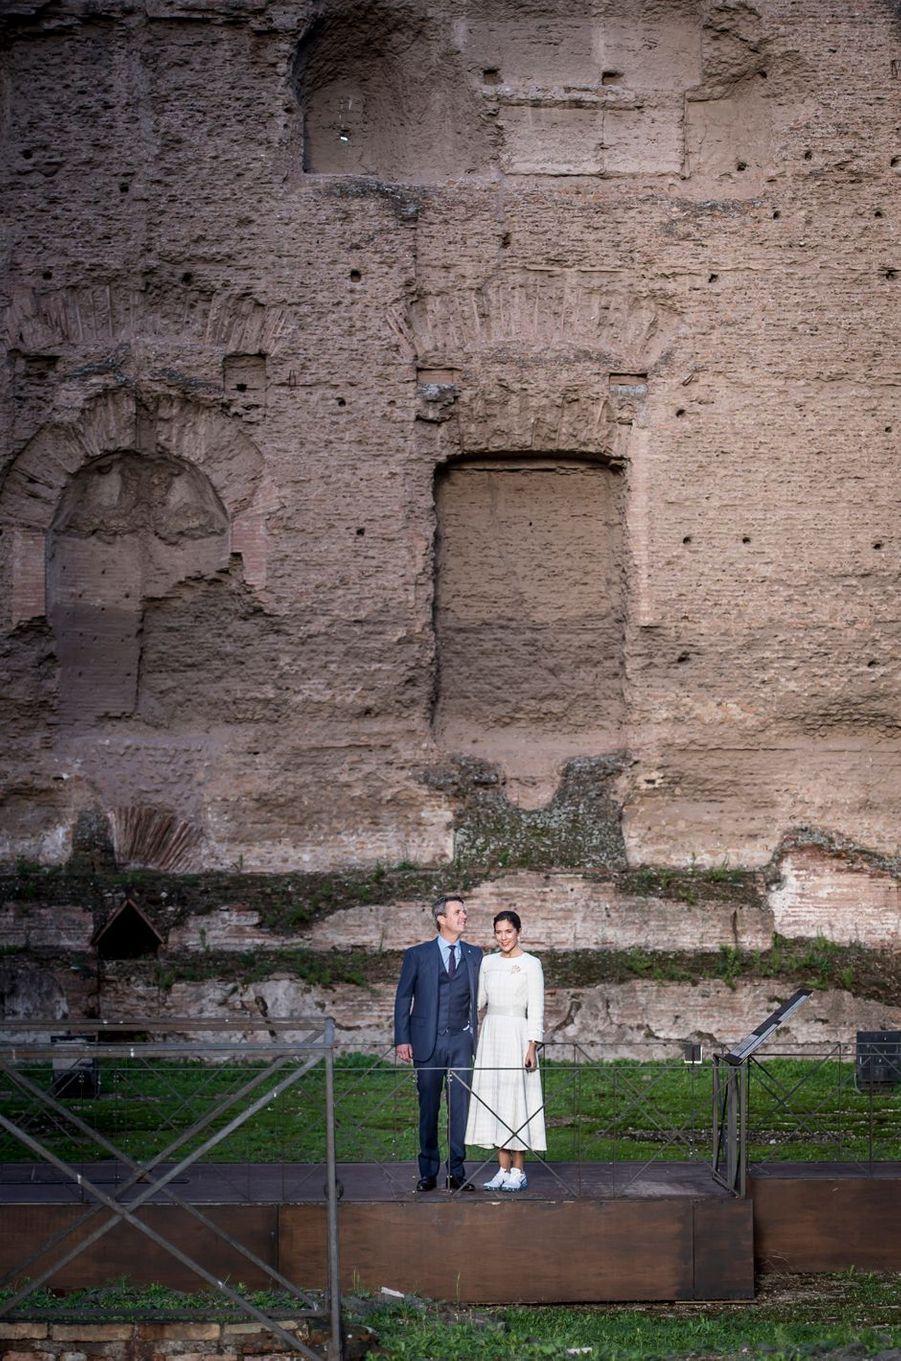 La princesse Mary et le prince Frederik de Danemark à Rome, le 6 novembre 2018